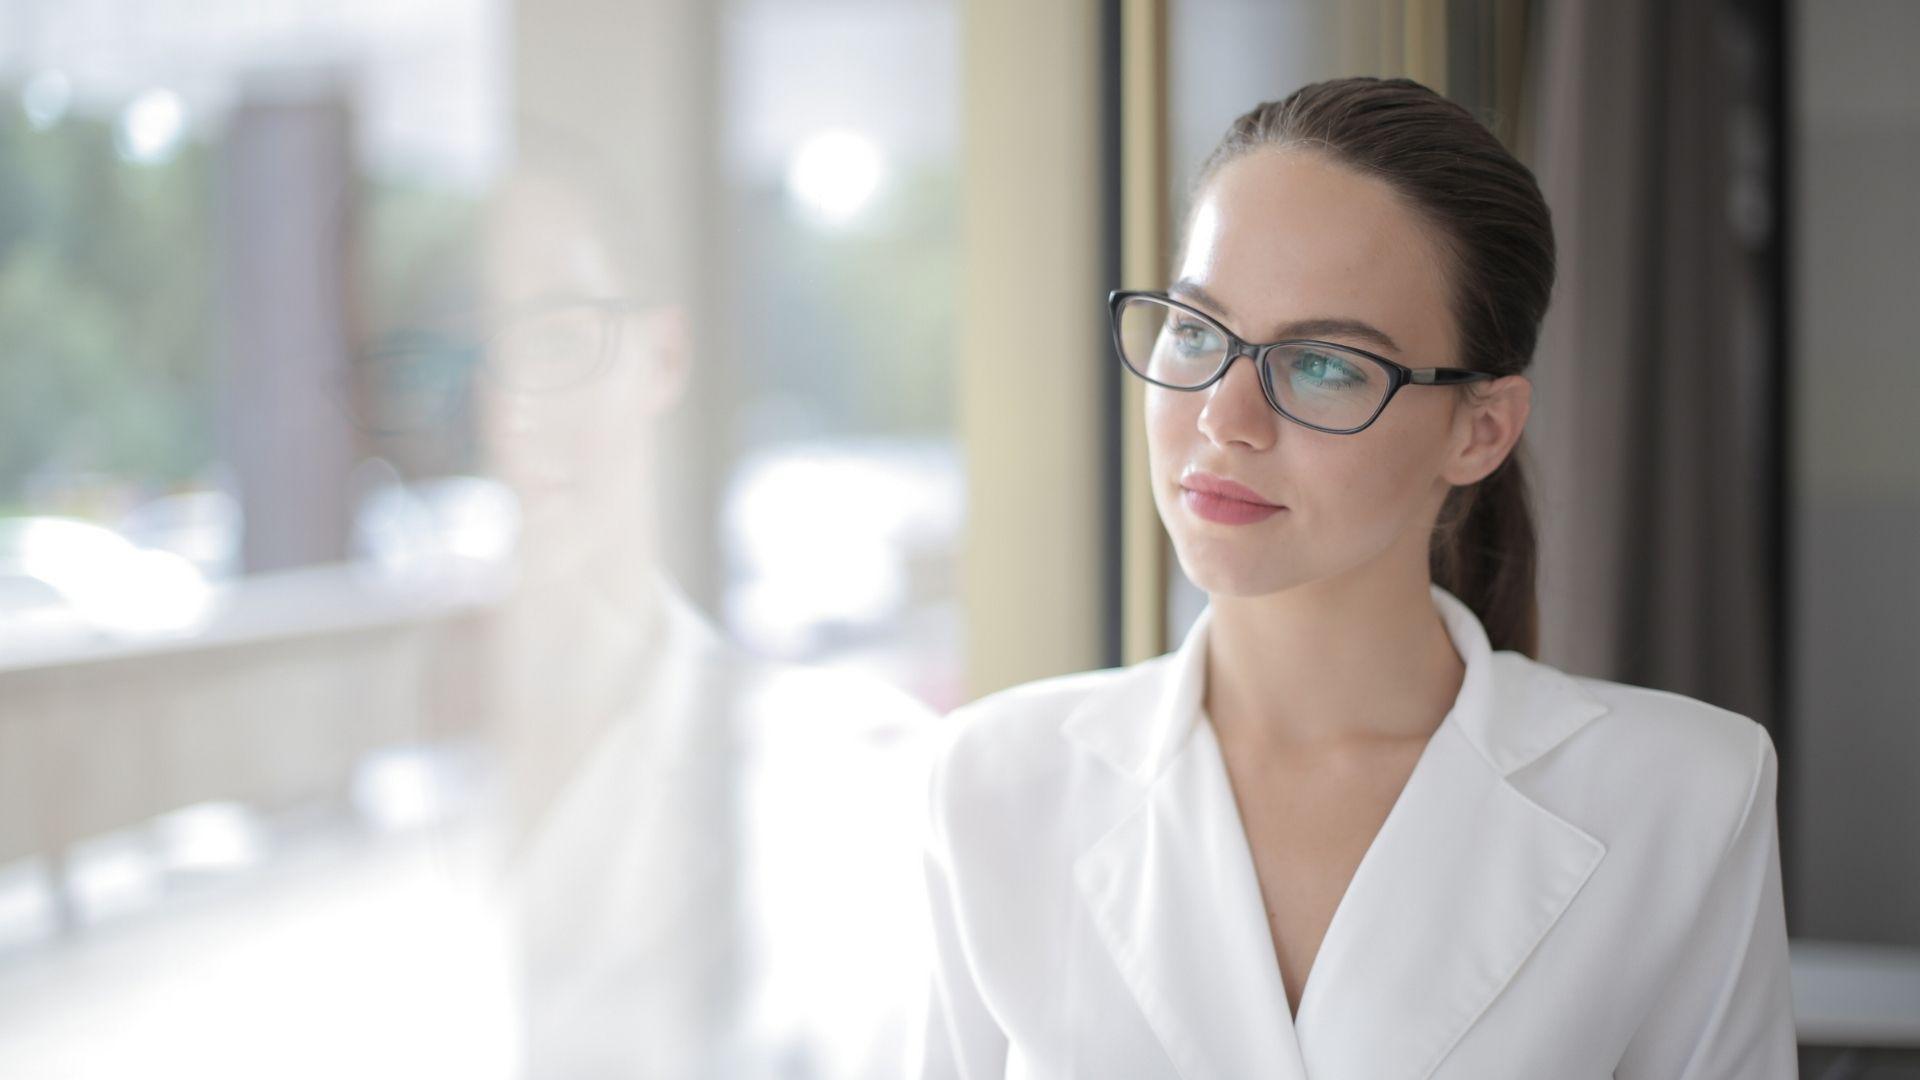 gyakorlatok, amelyek segítenek a látás helyreállításában